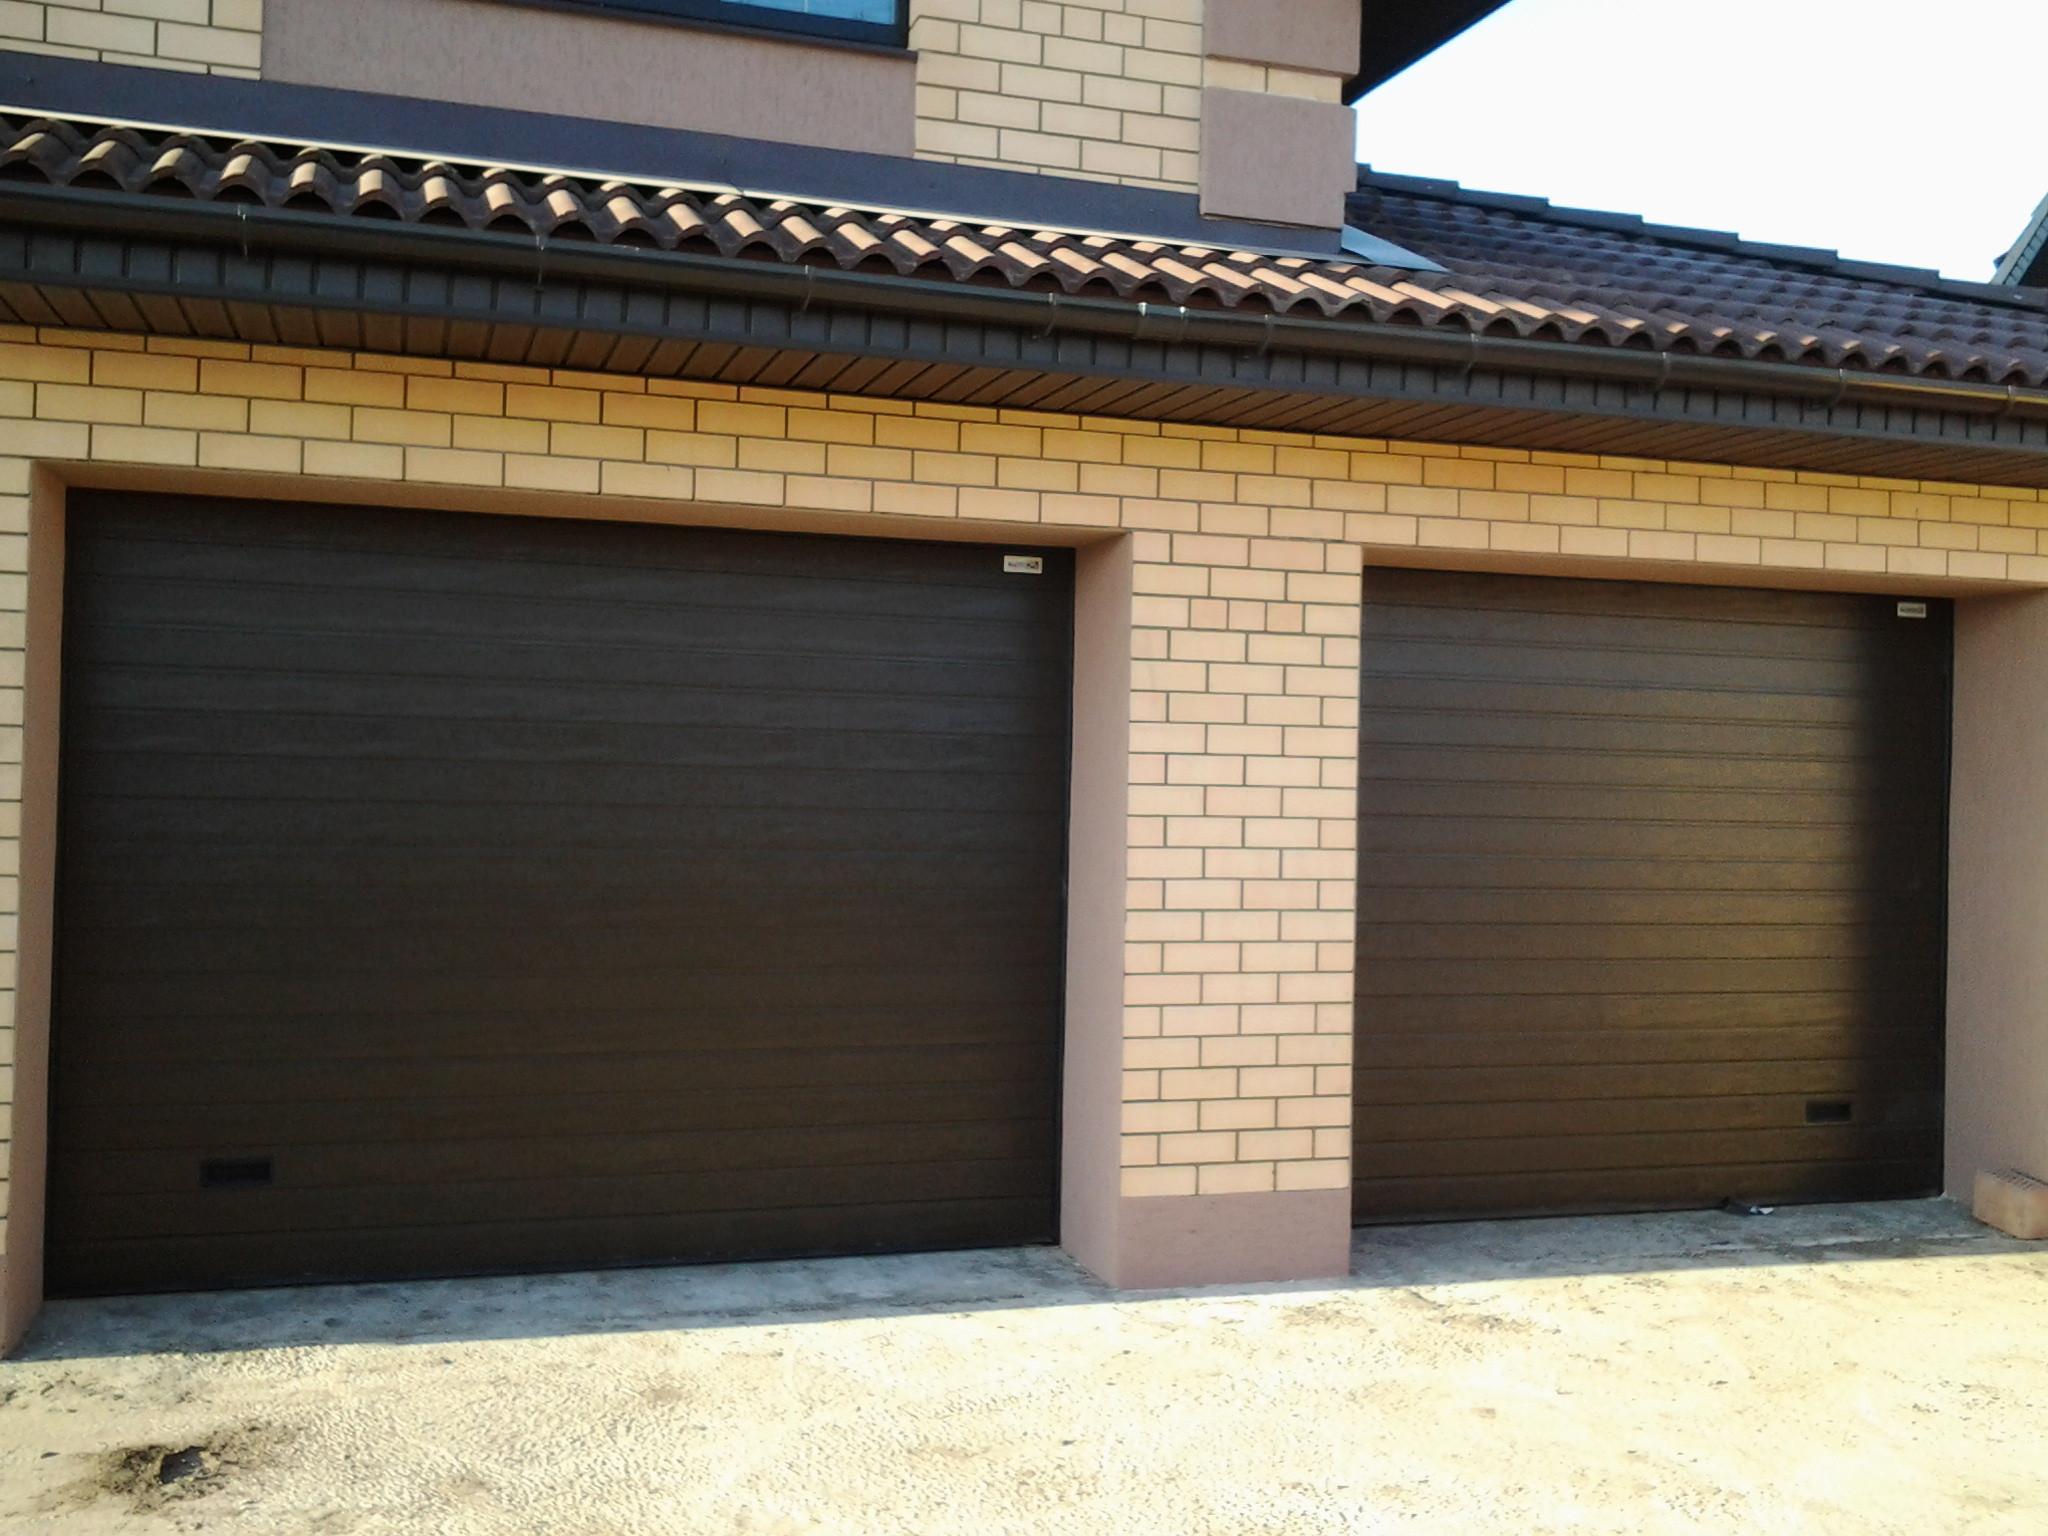 Ворота для гаража: какие типы изделий пользуются спросом у заказчиков, основные преимущества автоматических систем открытия ворот и как безошибочно сделать заказ